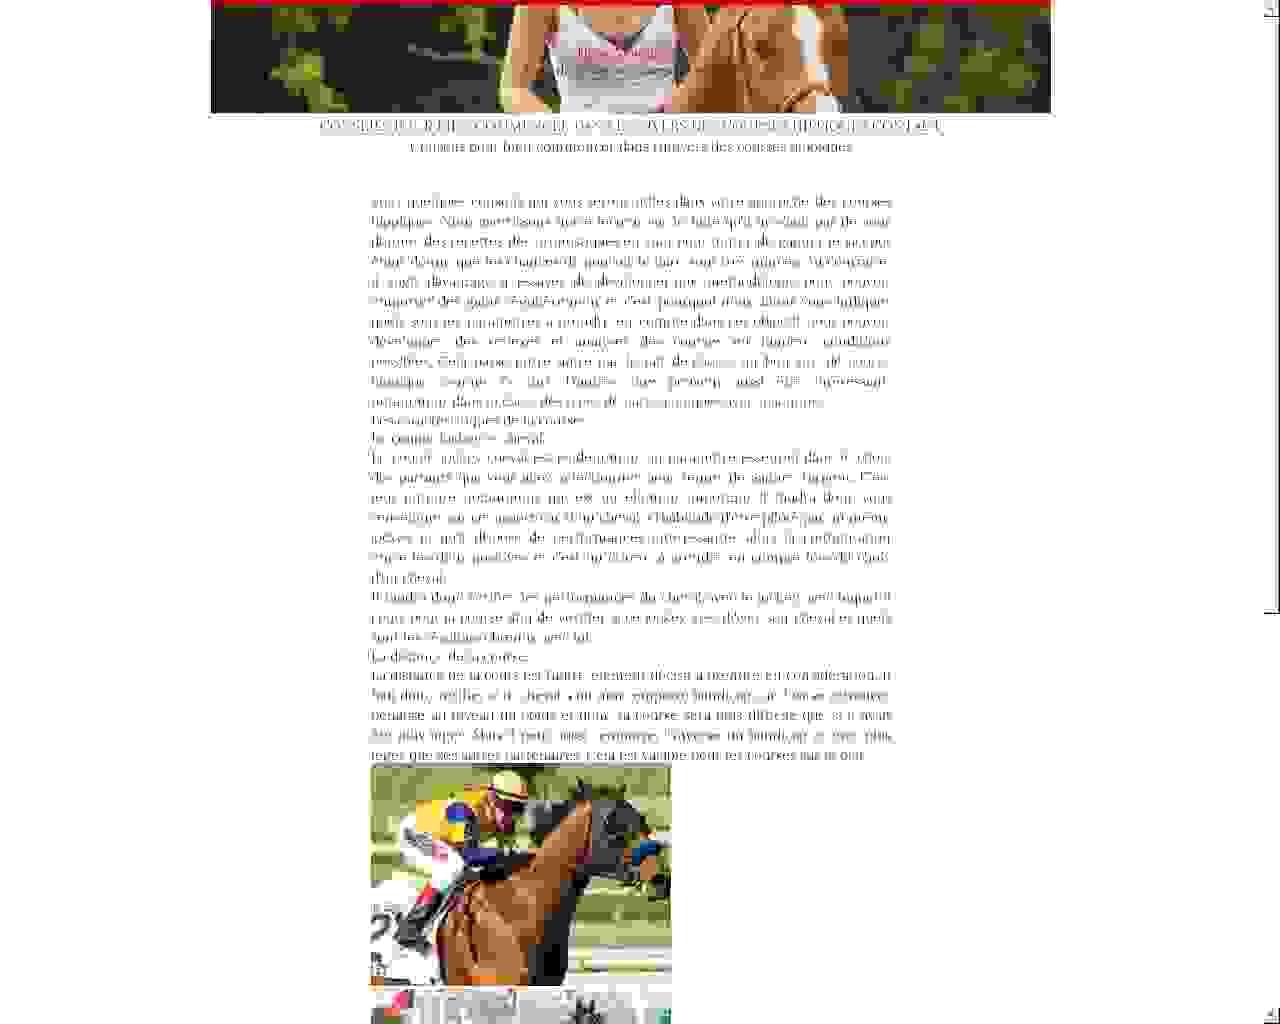 Association des éleveurs de chevaux de sport de Charente-Maritime